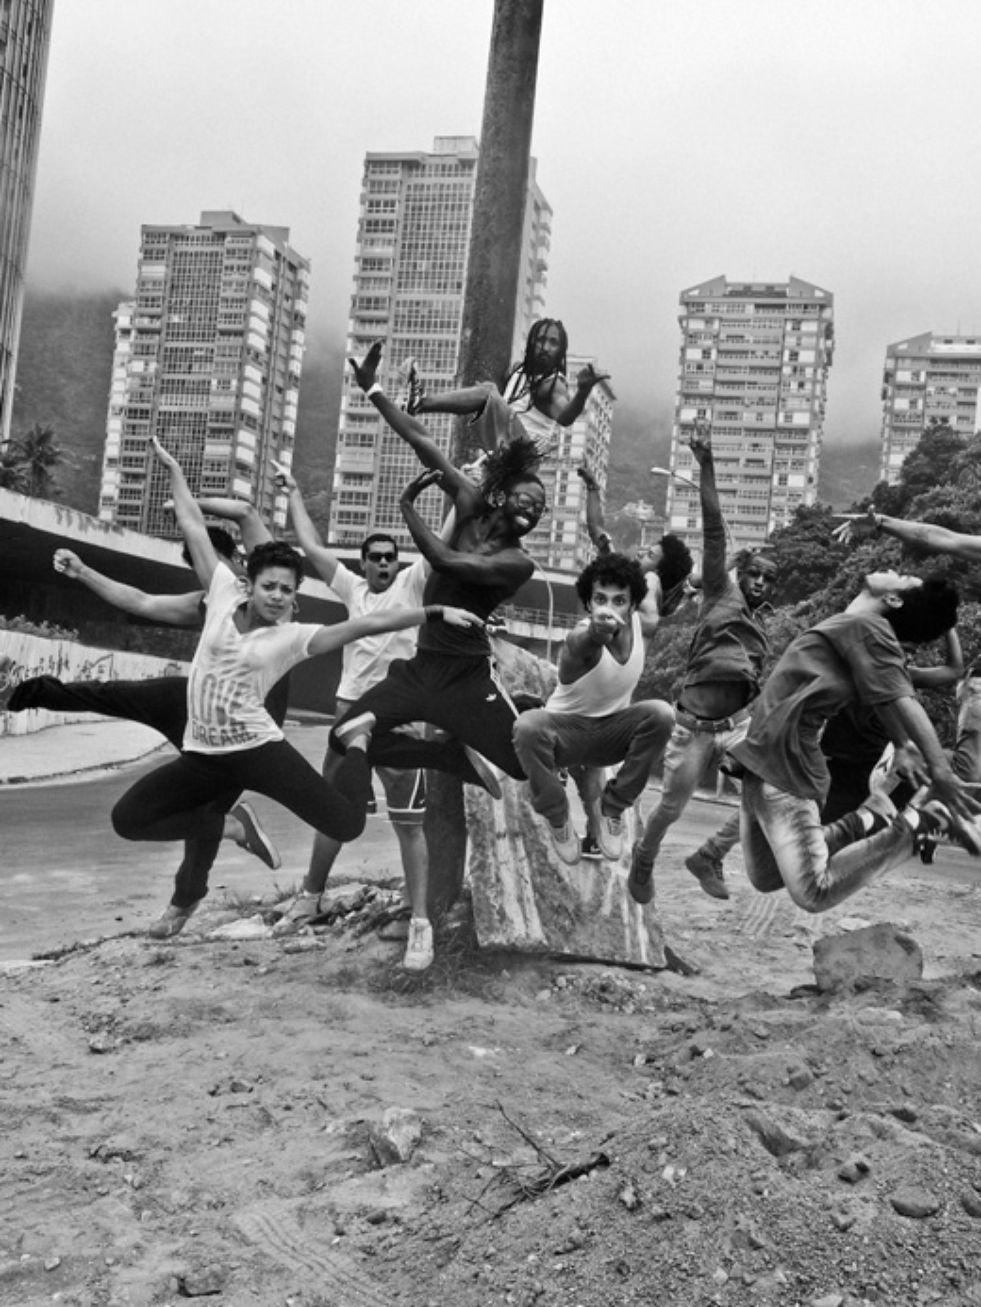 Companhia Urbana de Danca, San Conrado, Rio de Janeiro, Brasil, 2014, photo: Moises Saman